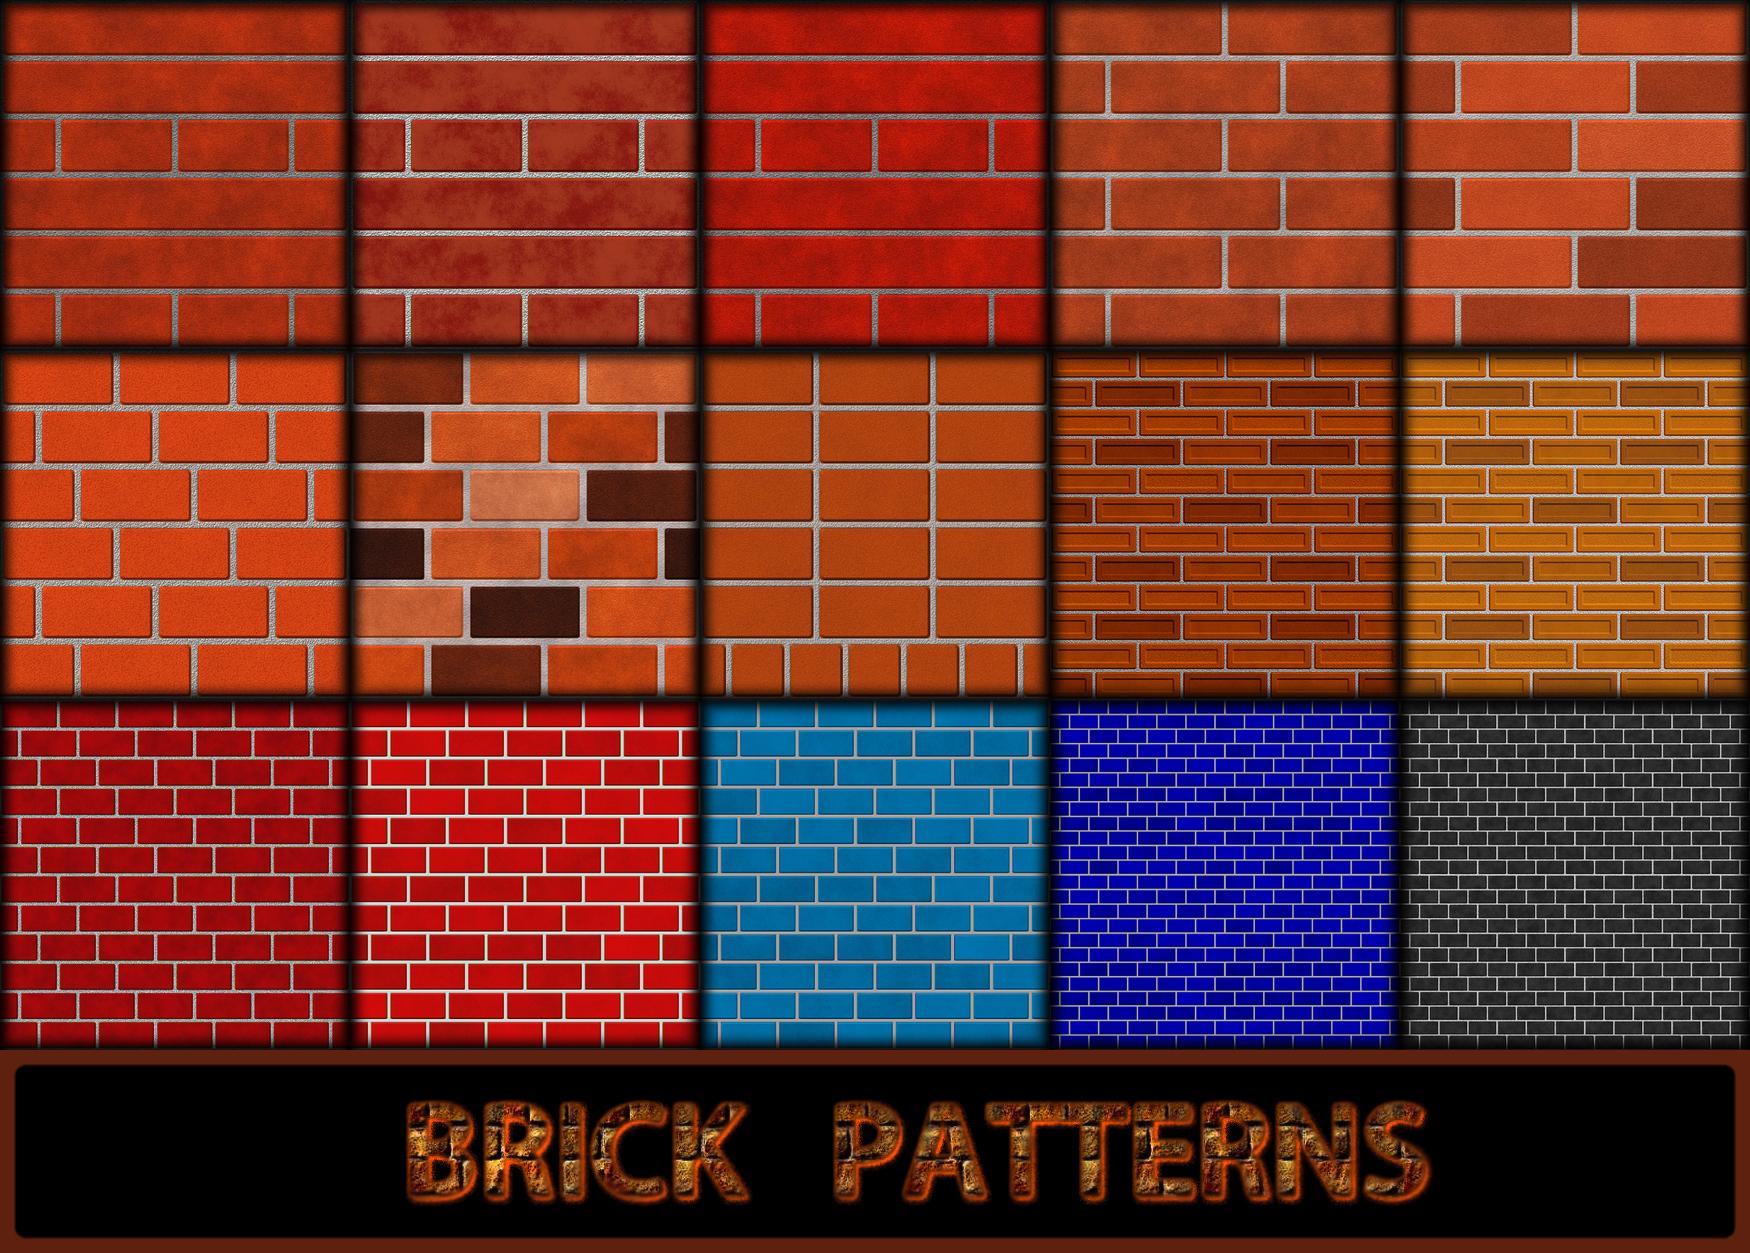 Brick Patterns By Allison731 On Deviantart